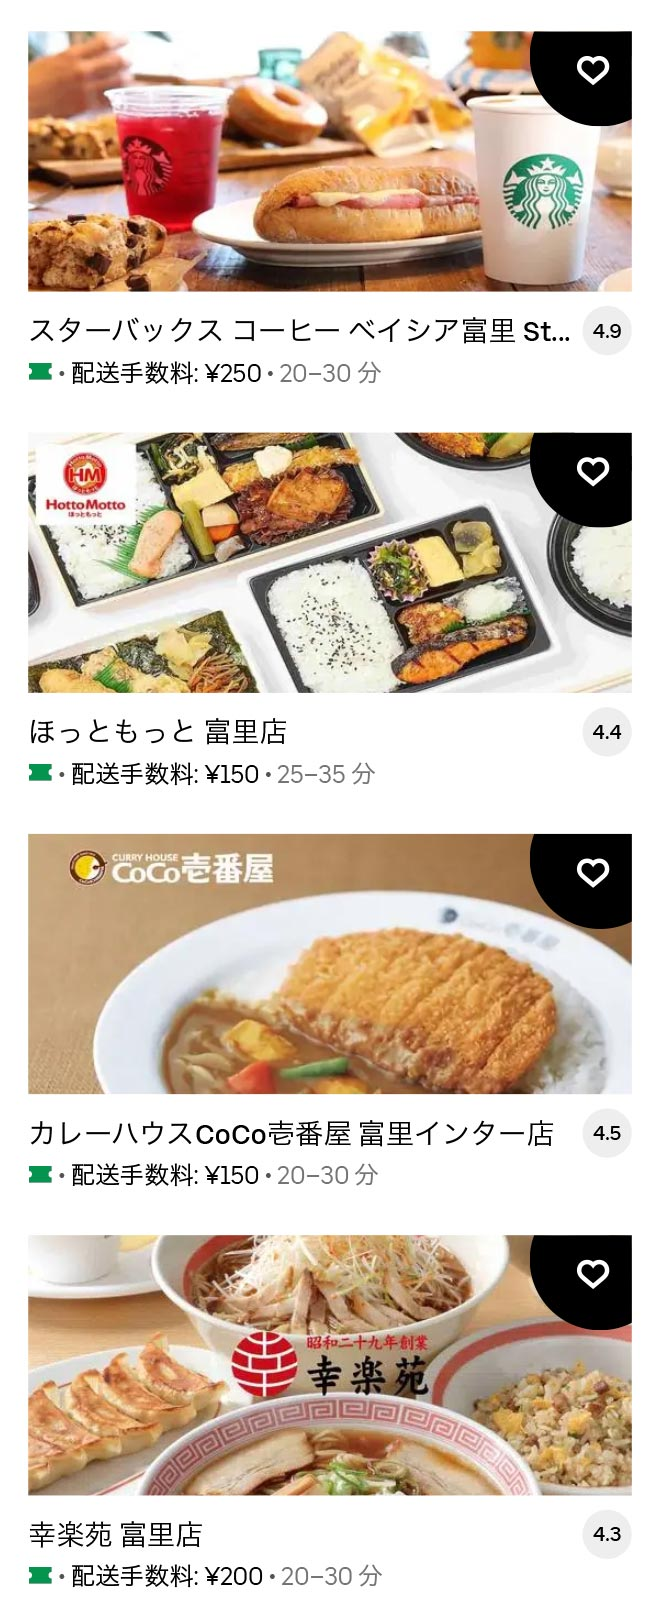 U tomisato menu 2104 02